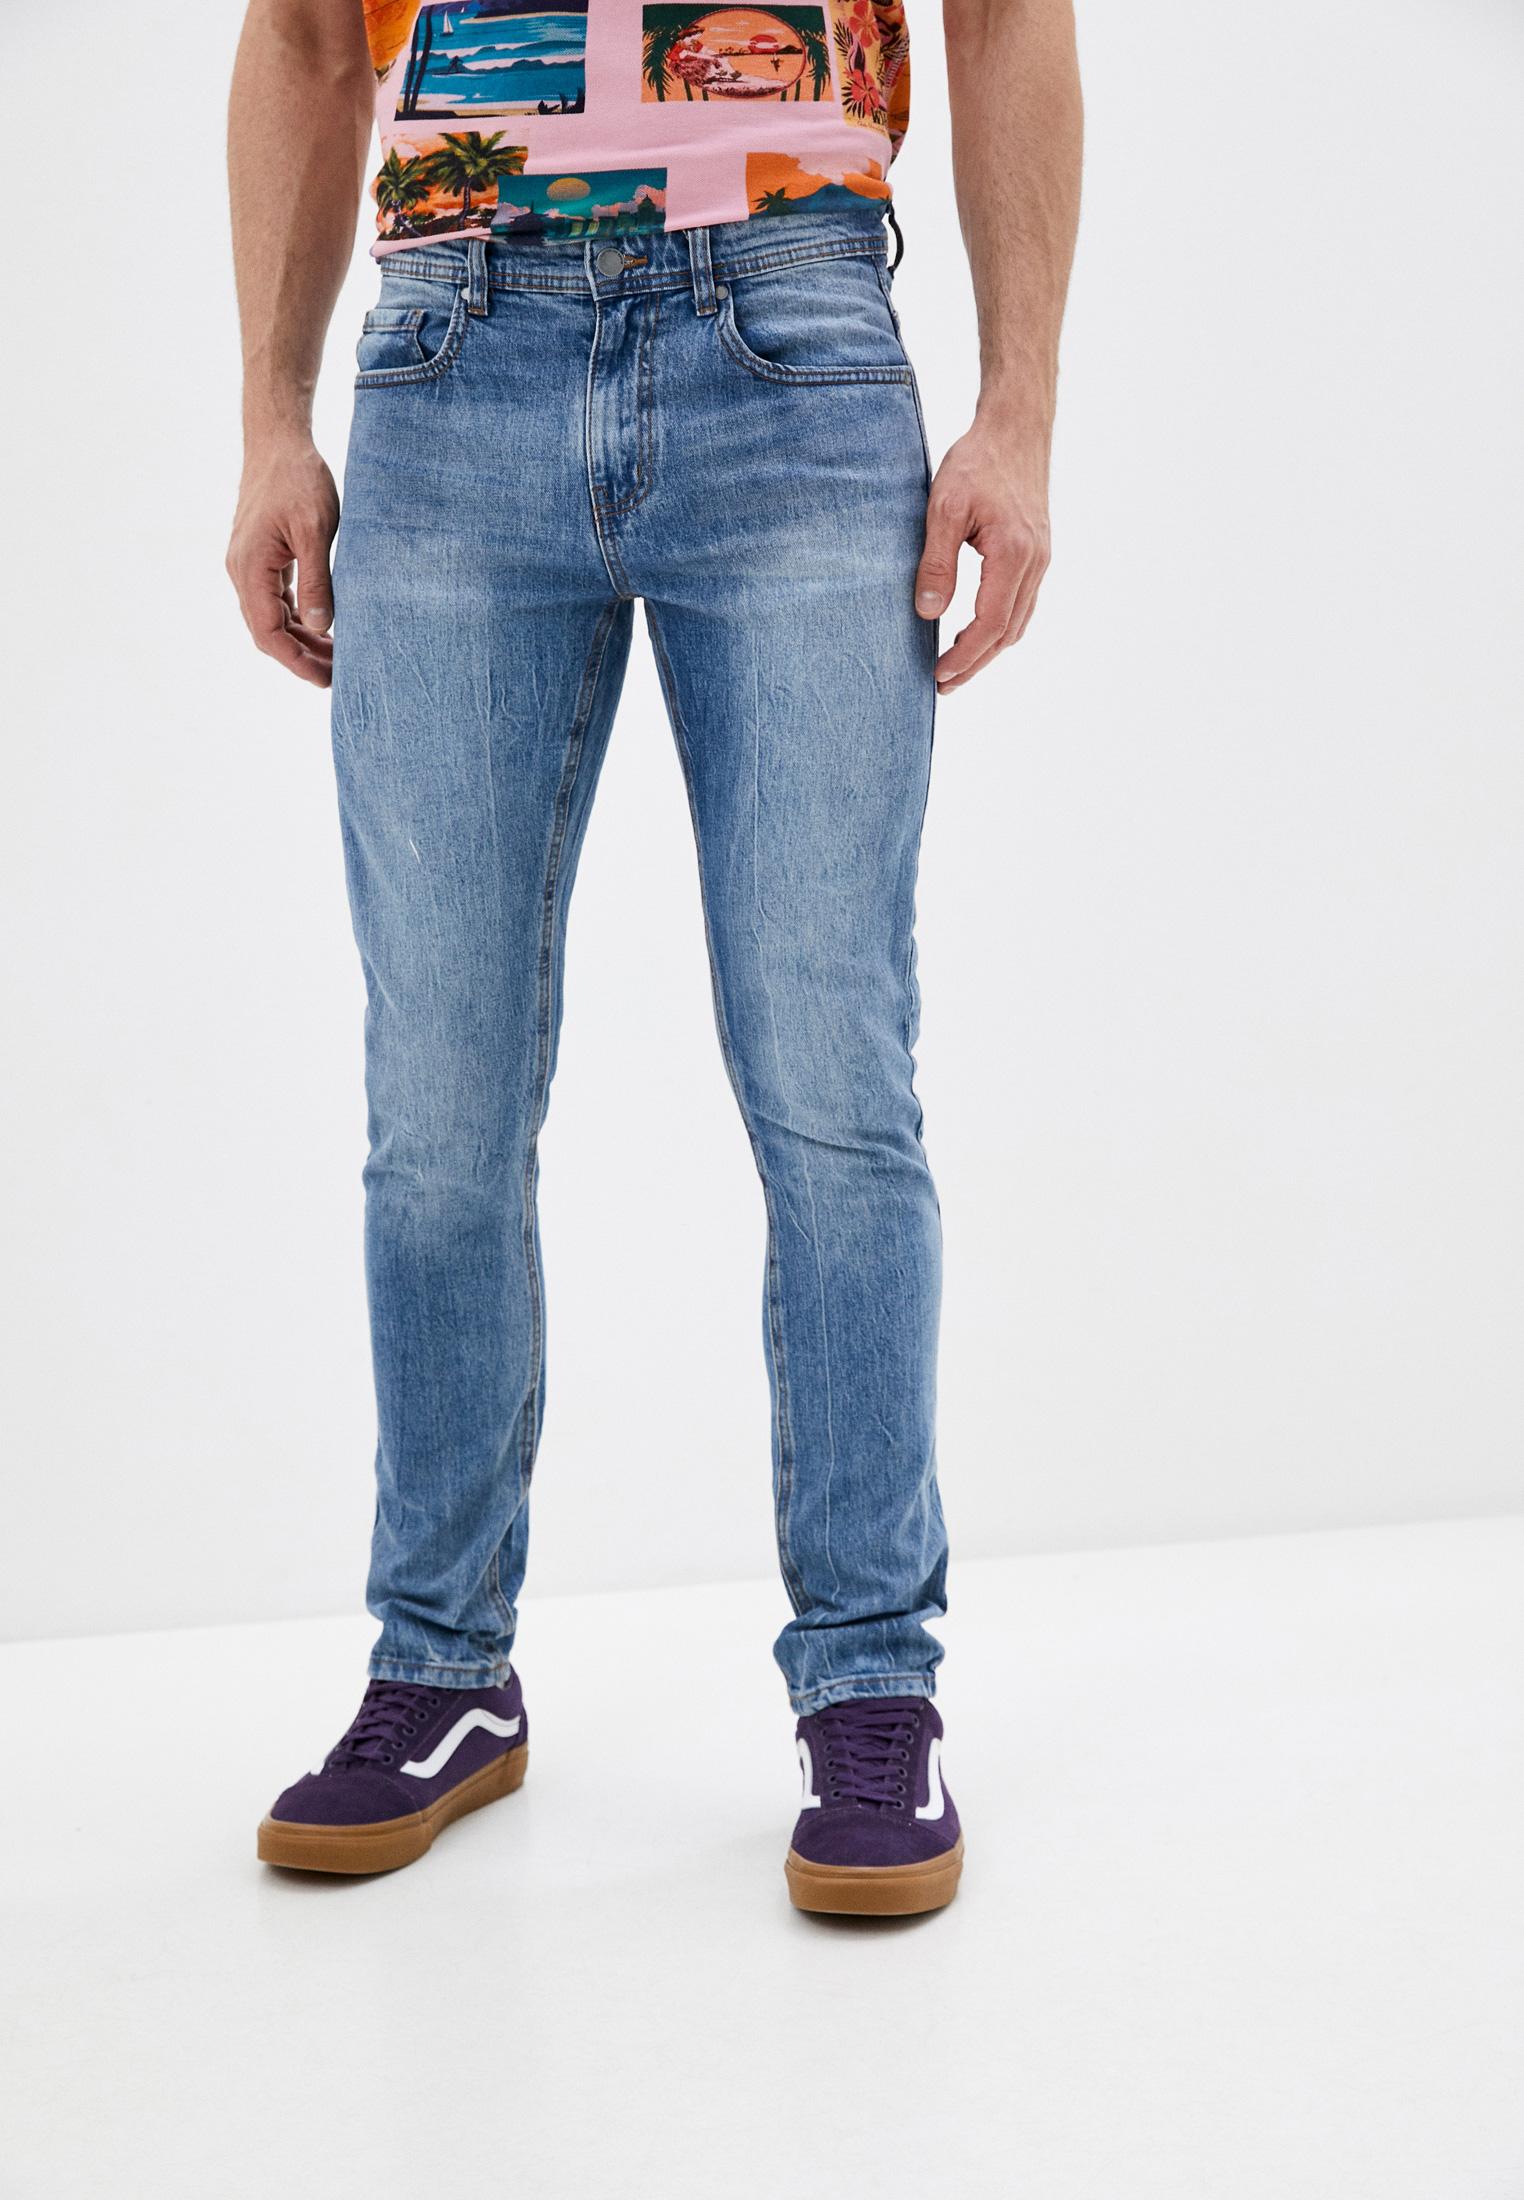 Мужские прямые джинсы Cotton On 390548-310